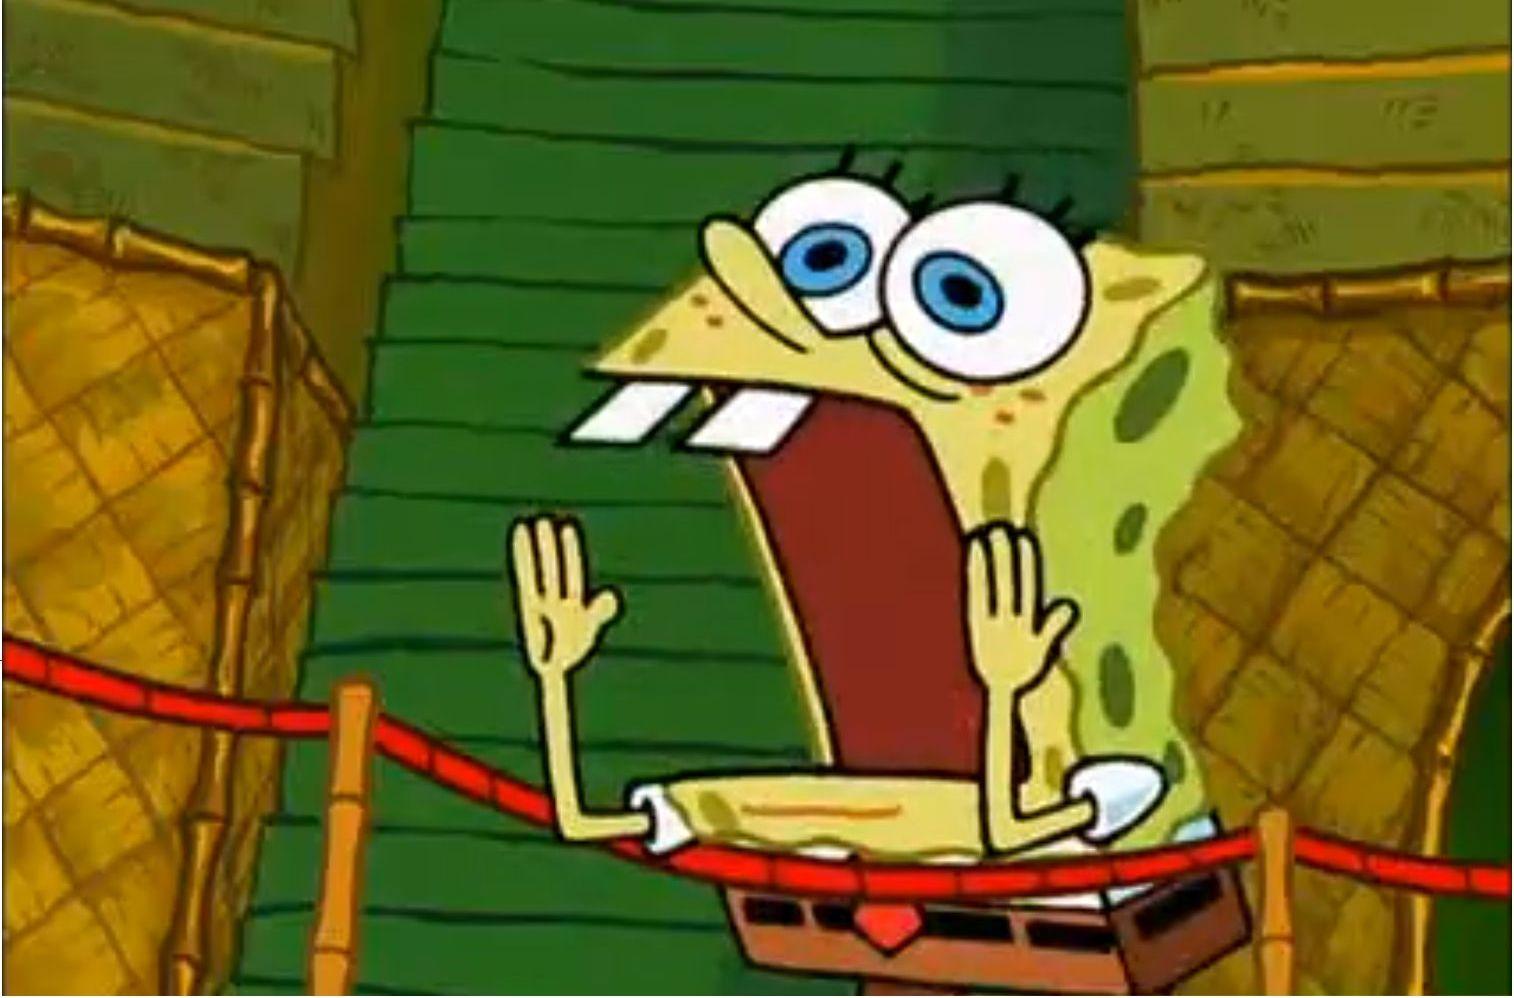 Spongebob yell meme generator imgflip